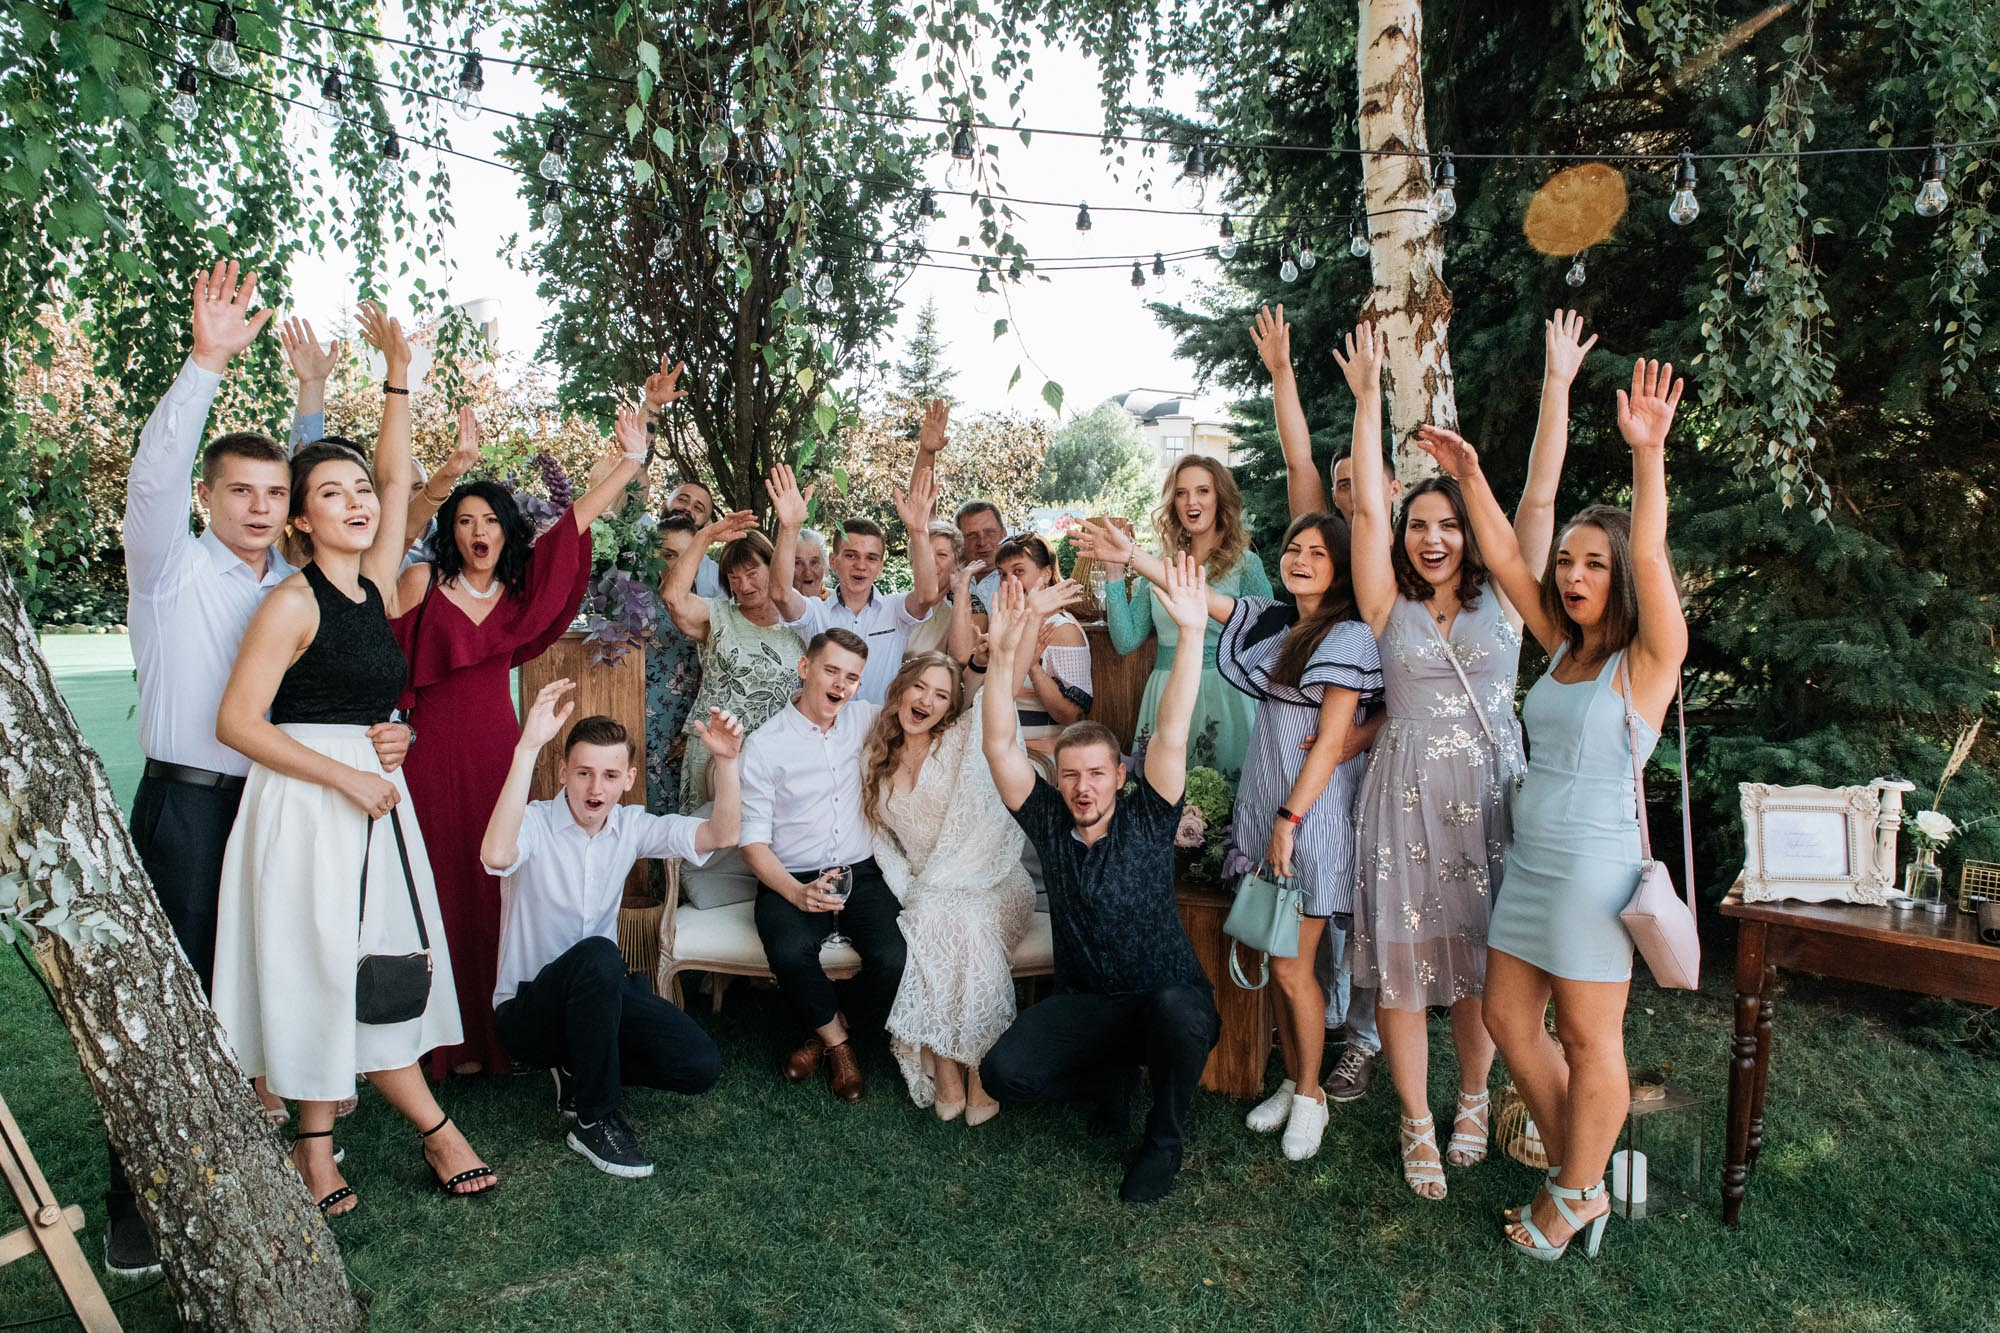 фото гостей на свадьбе идеи